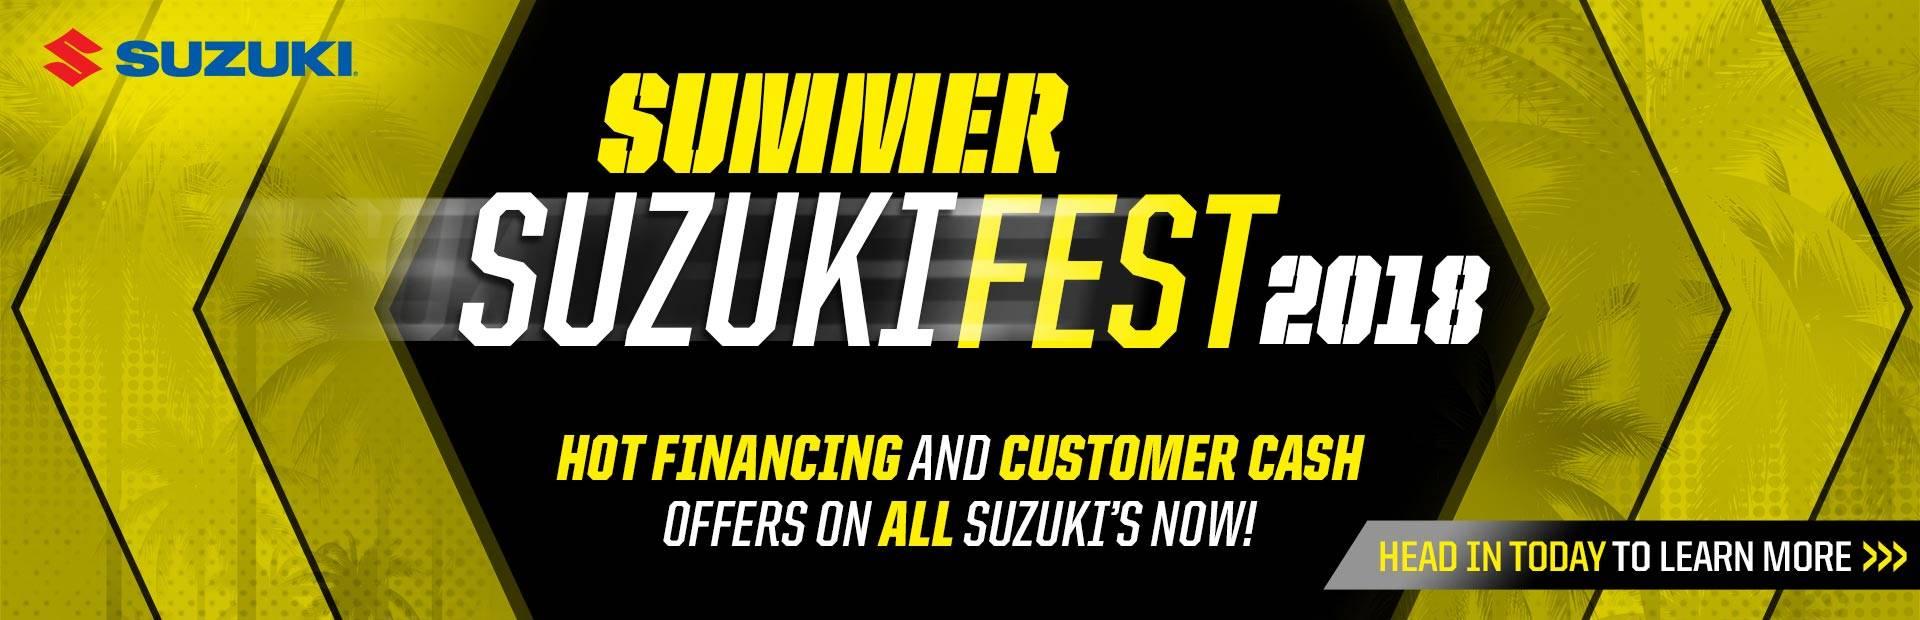 Suzuki - Summer Suzuki Fest for Cruiser and Touring